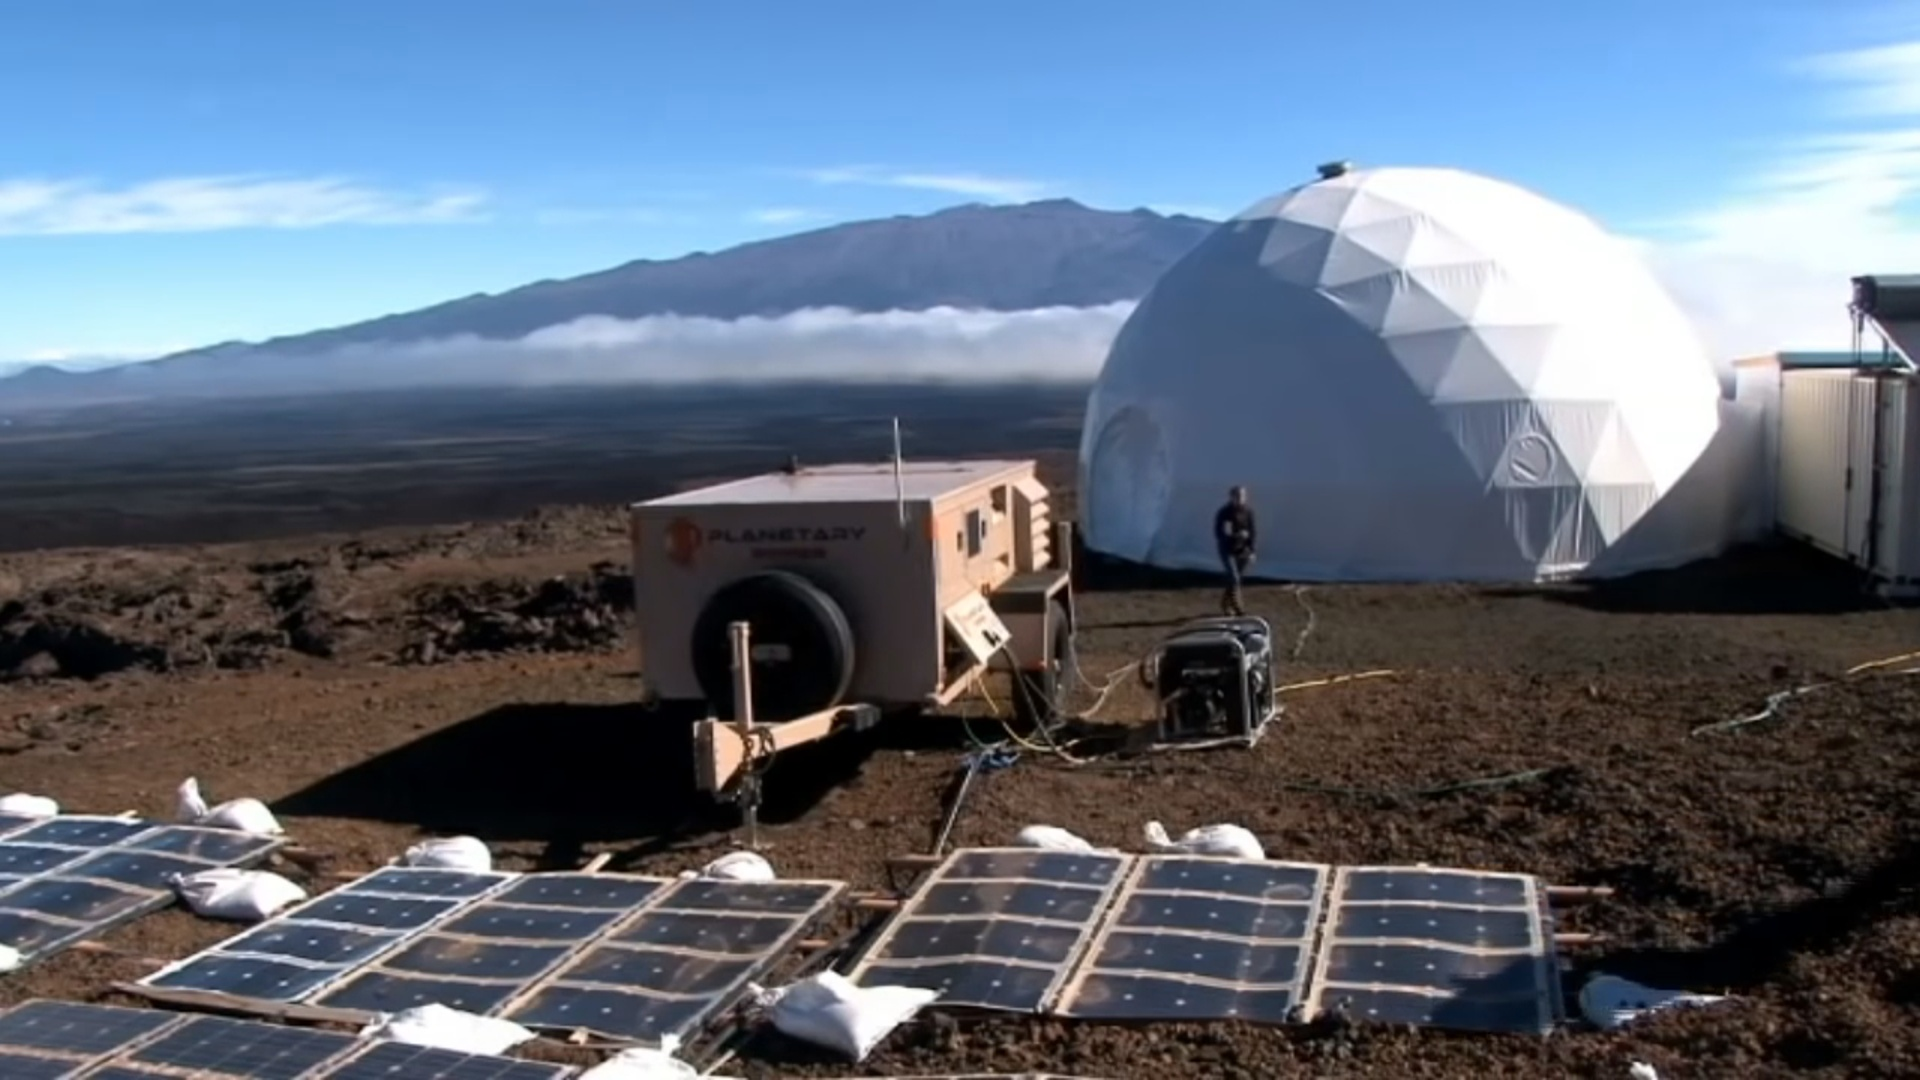 Tədqiqatçılar Marsdakı şəraitə uyğunlaşmaqla bağlı eksperiment aparıb